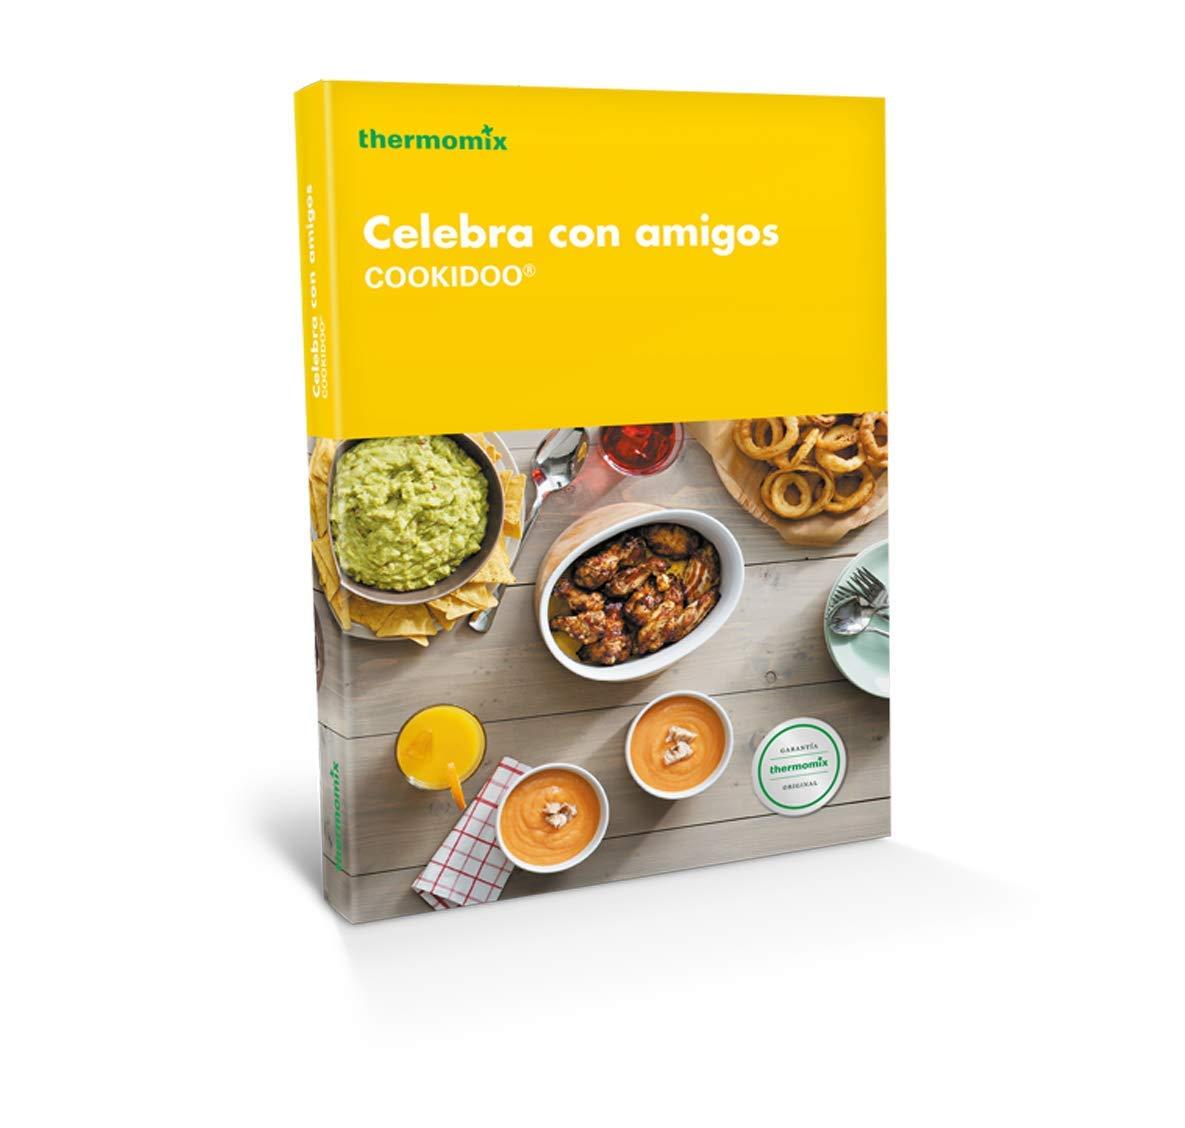 Celebra con amigos (Cookidoo): Amazon.es: Vorwerk Thermomix: Libros